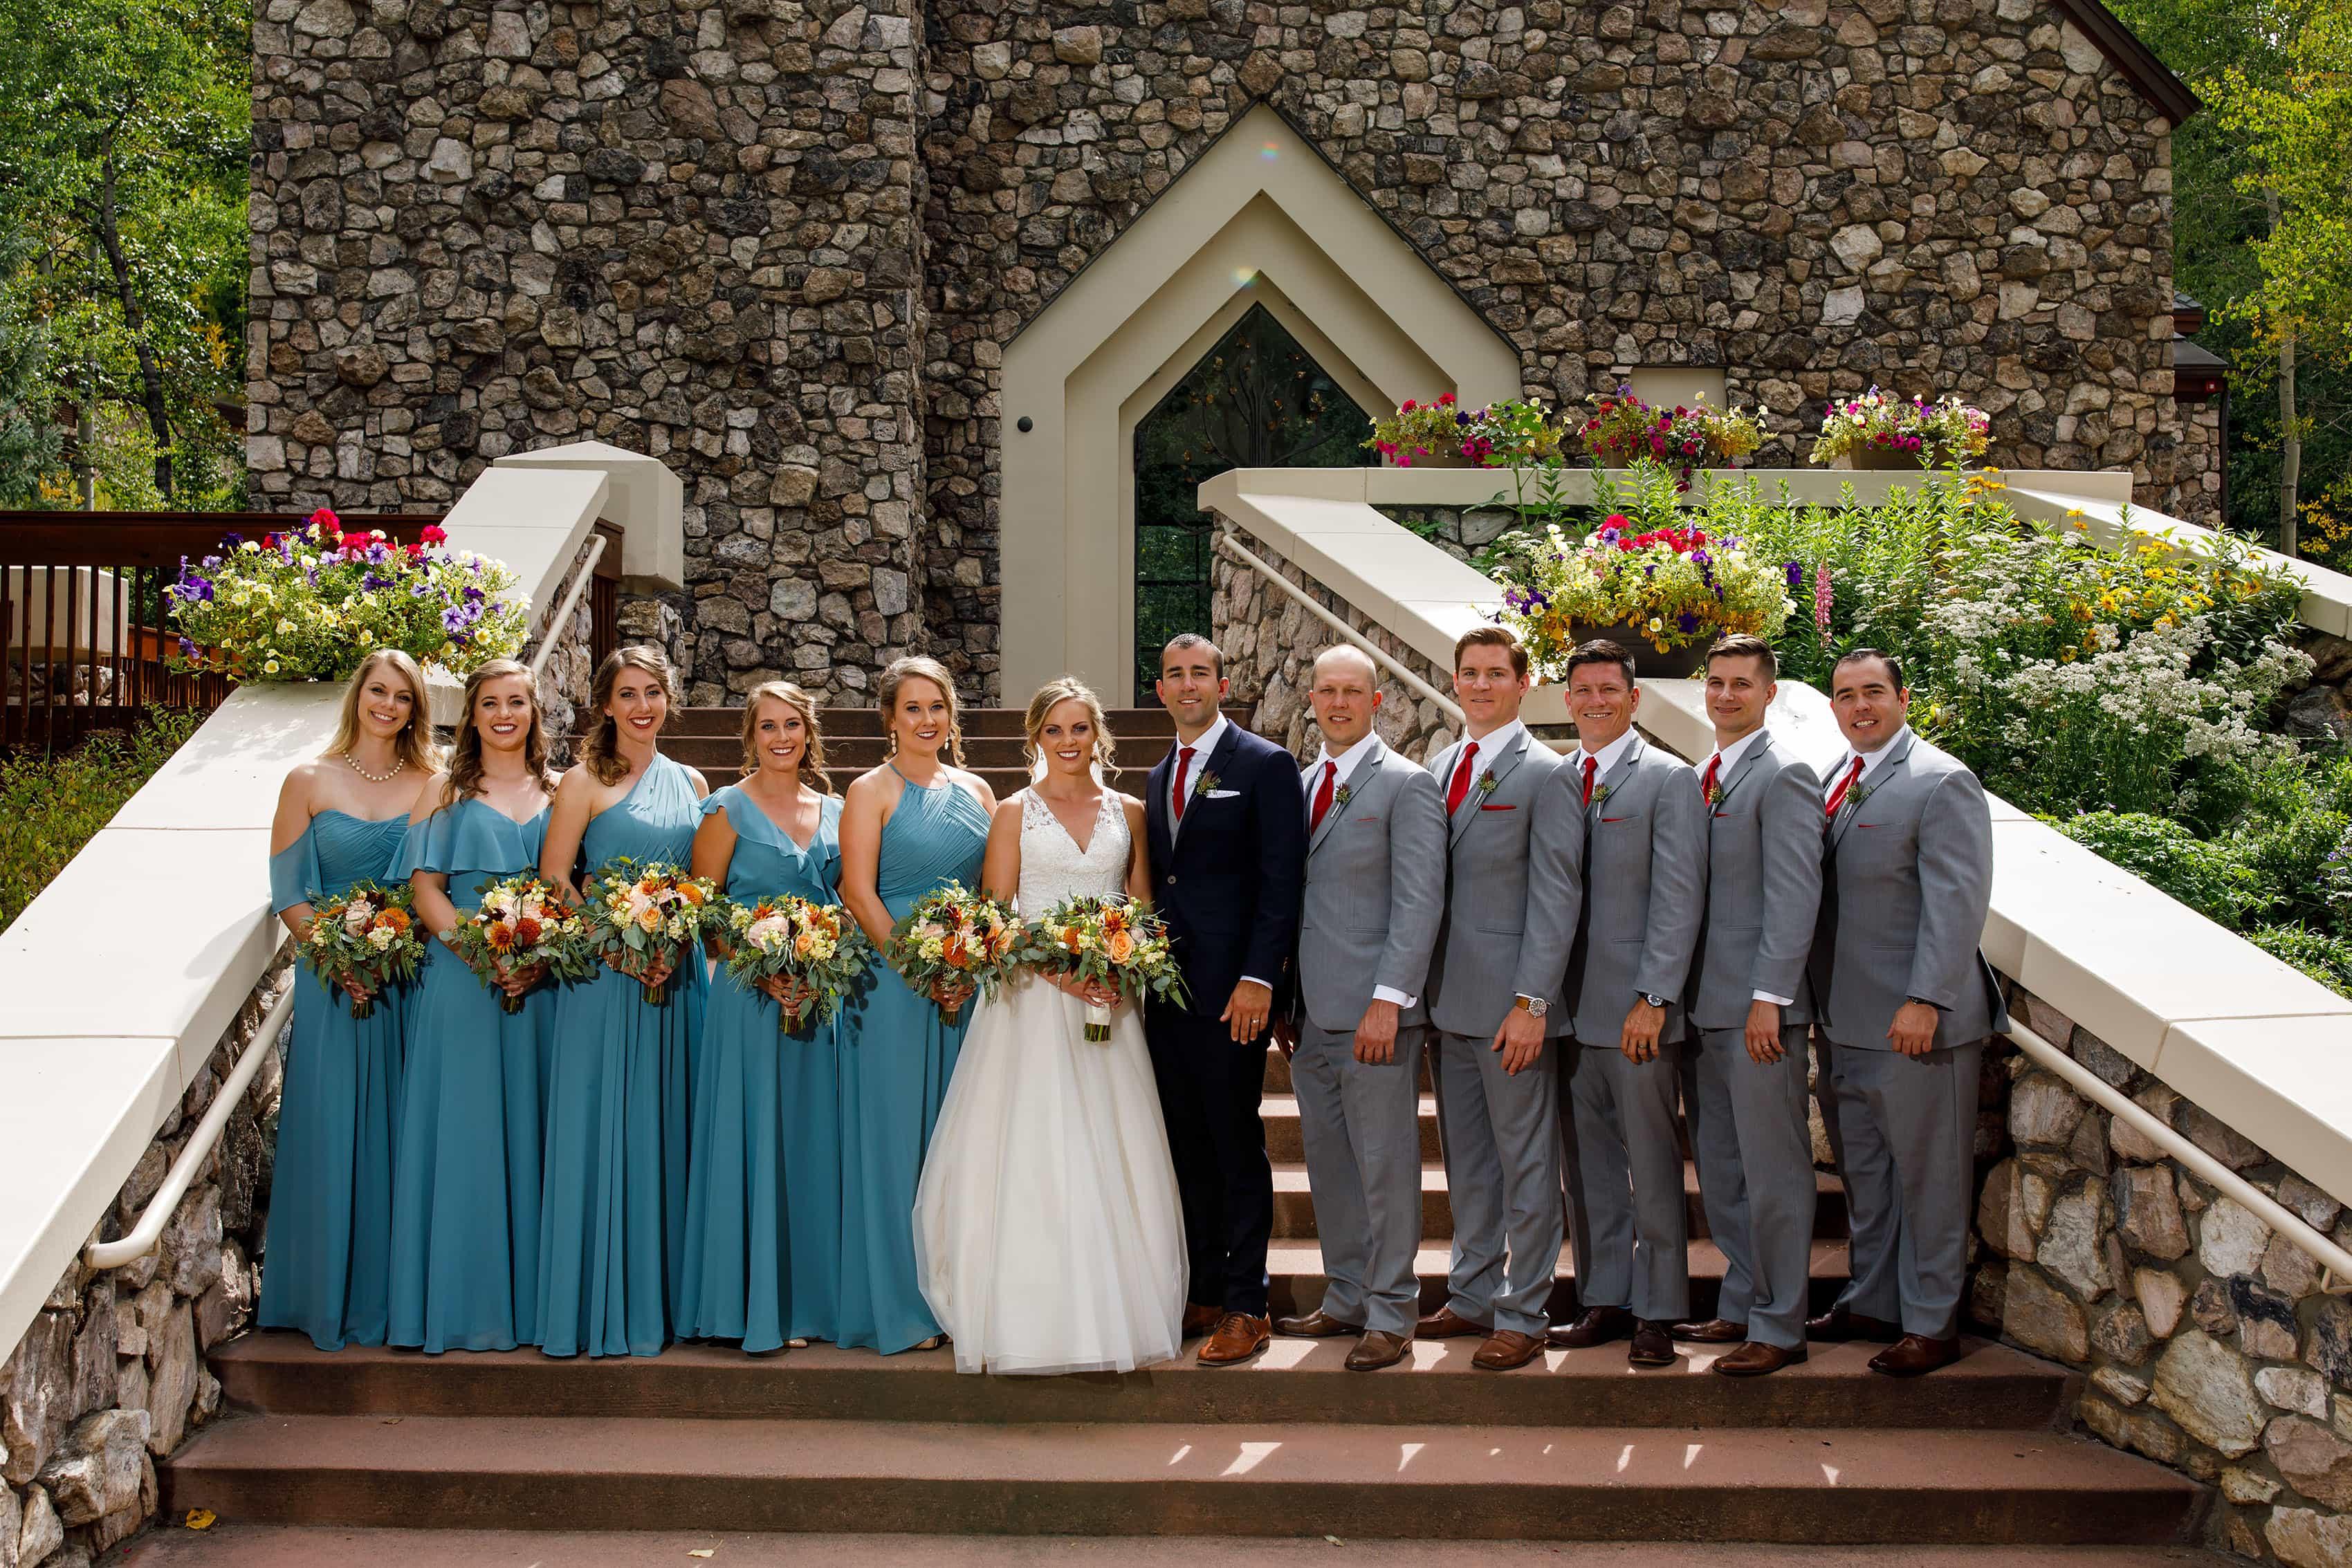 Wedding party at the Chapel at Beaver Creek